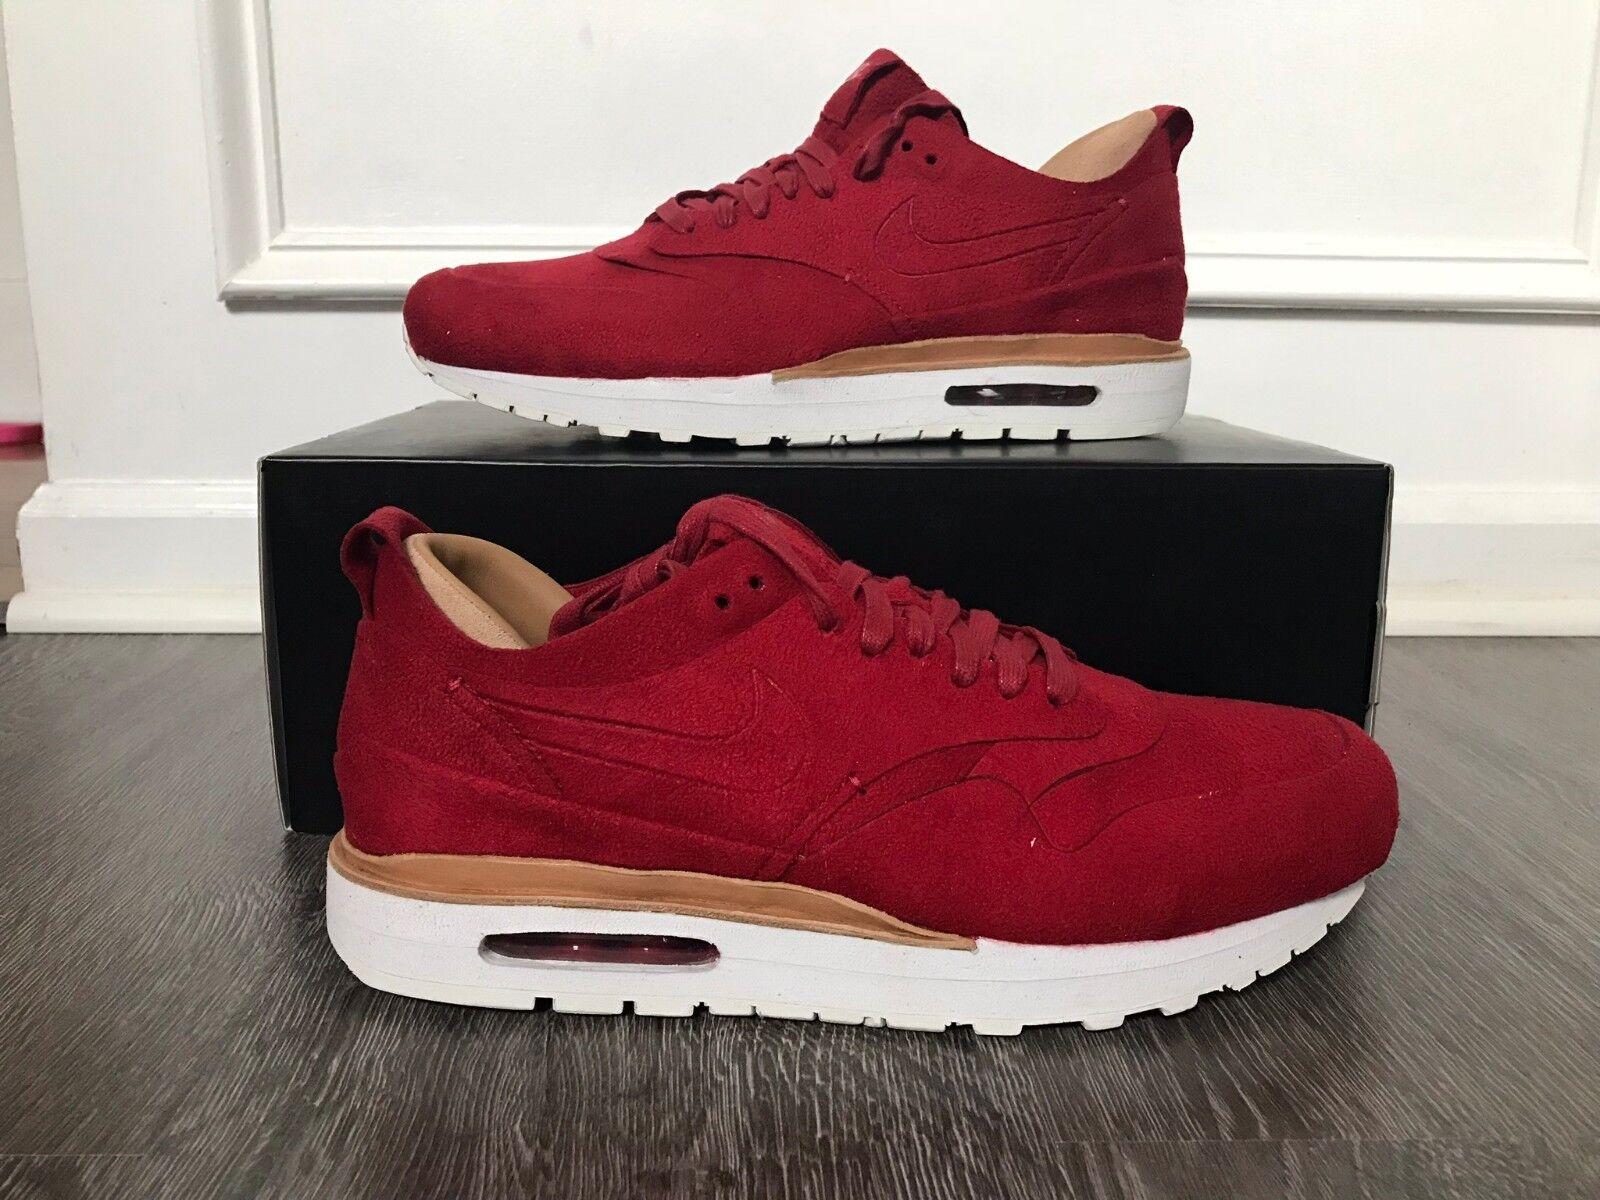 028a84077eb Men s Nike Nike Nike Nikelab Air Max 1 Royal Running Shoes 10.5 Gym Red  847671-